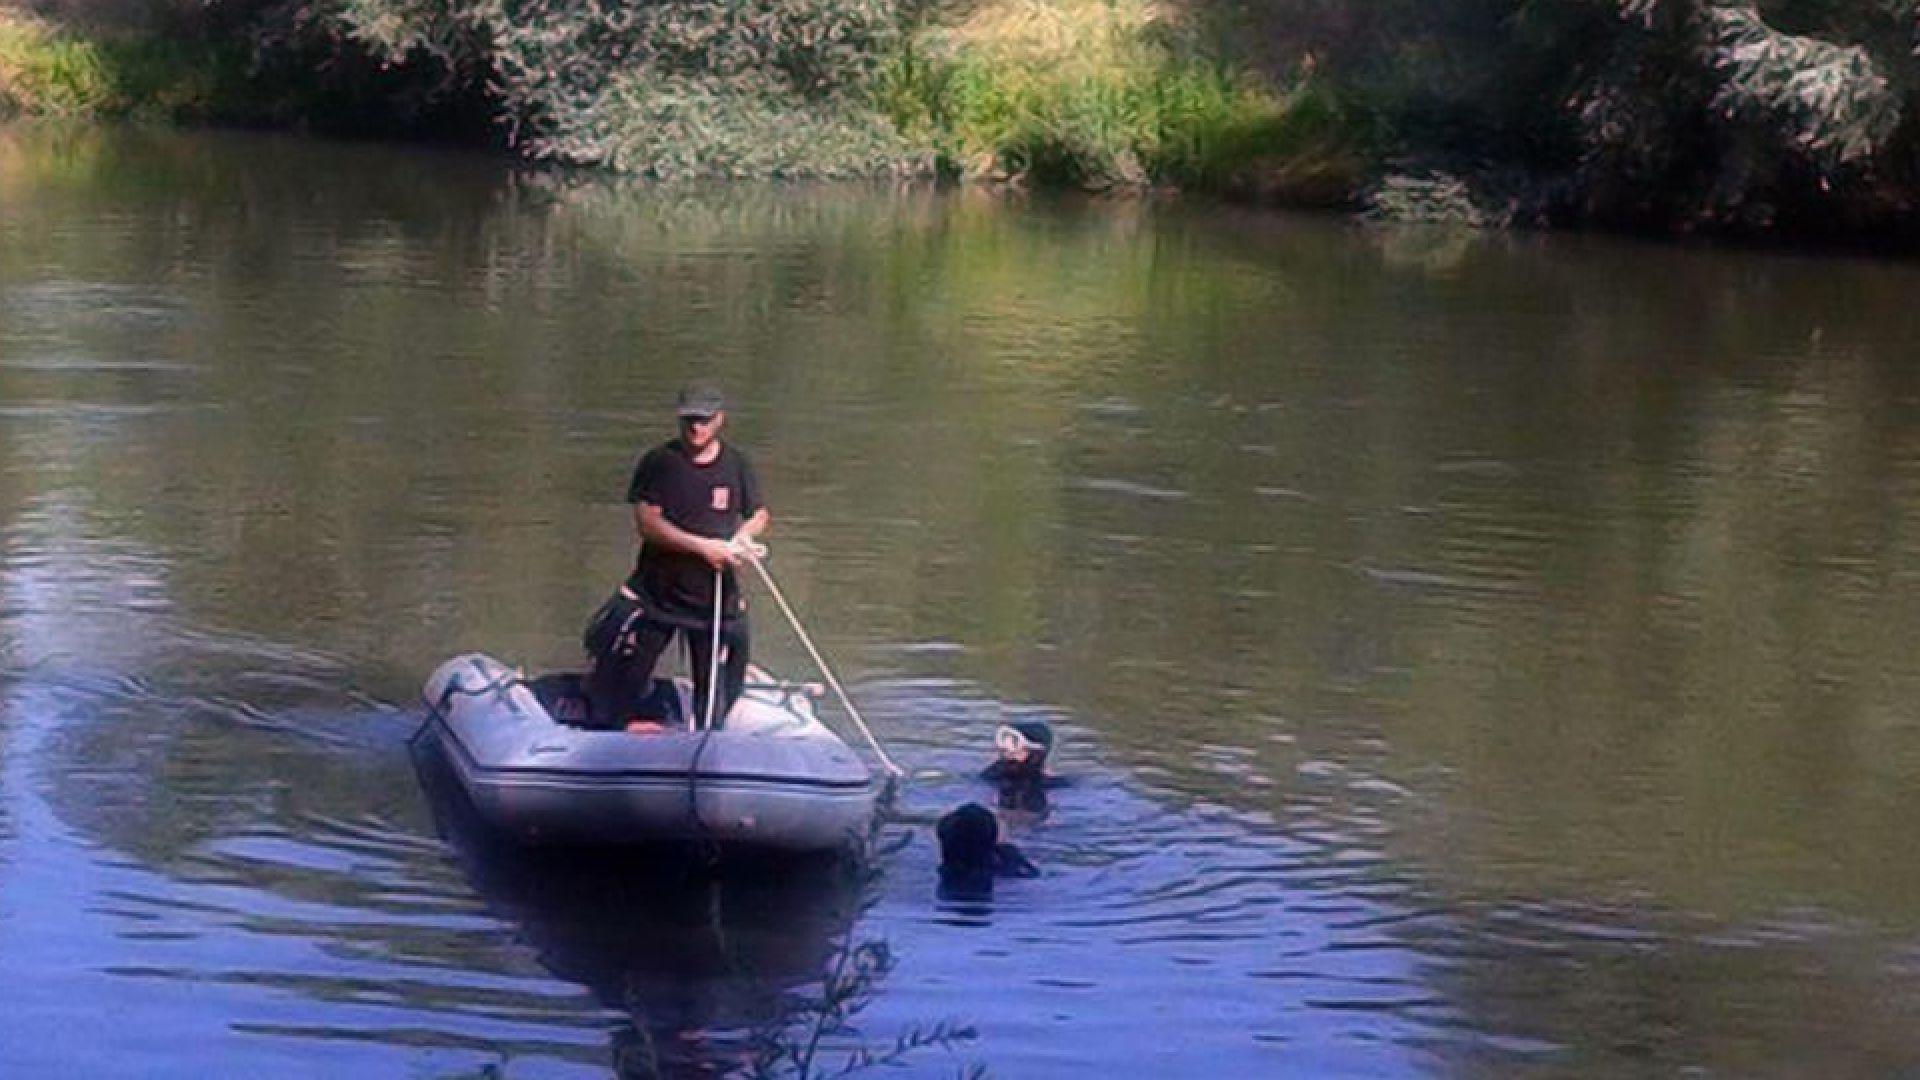 Откриха трупа на 37-годишен мъж в река Тунджа